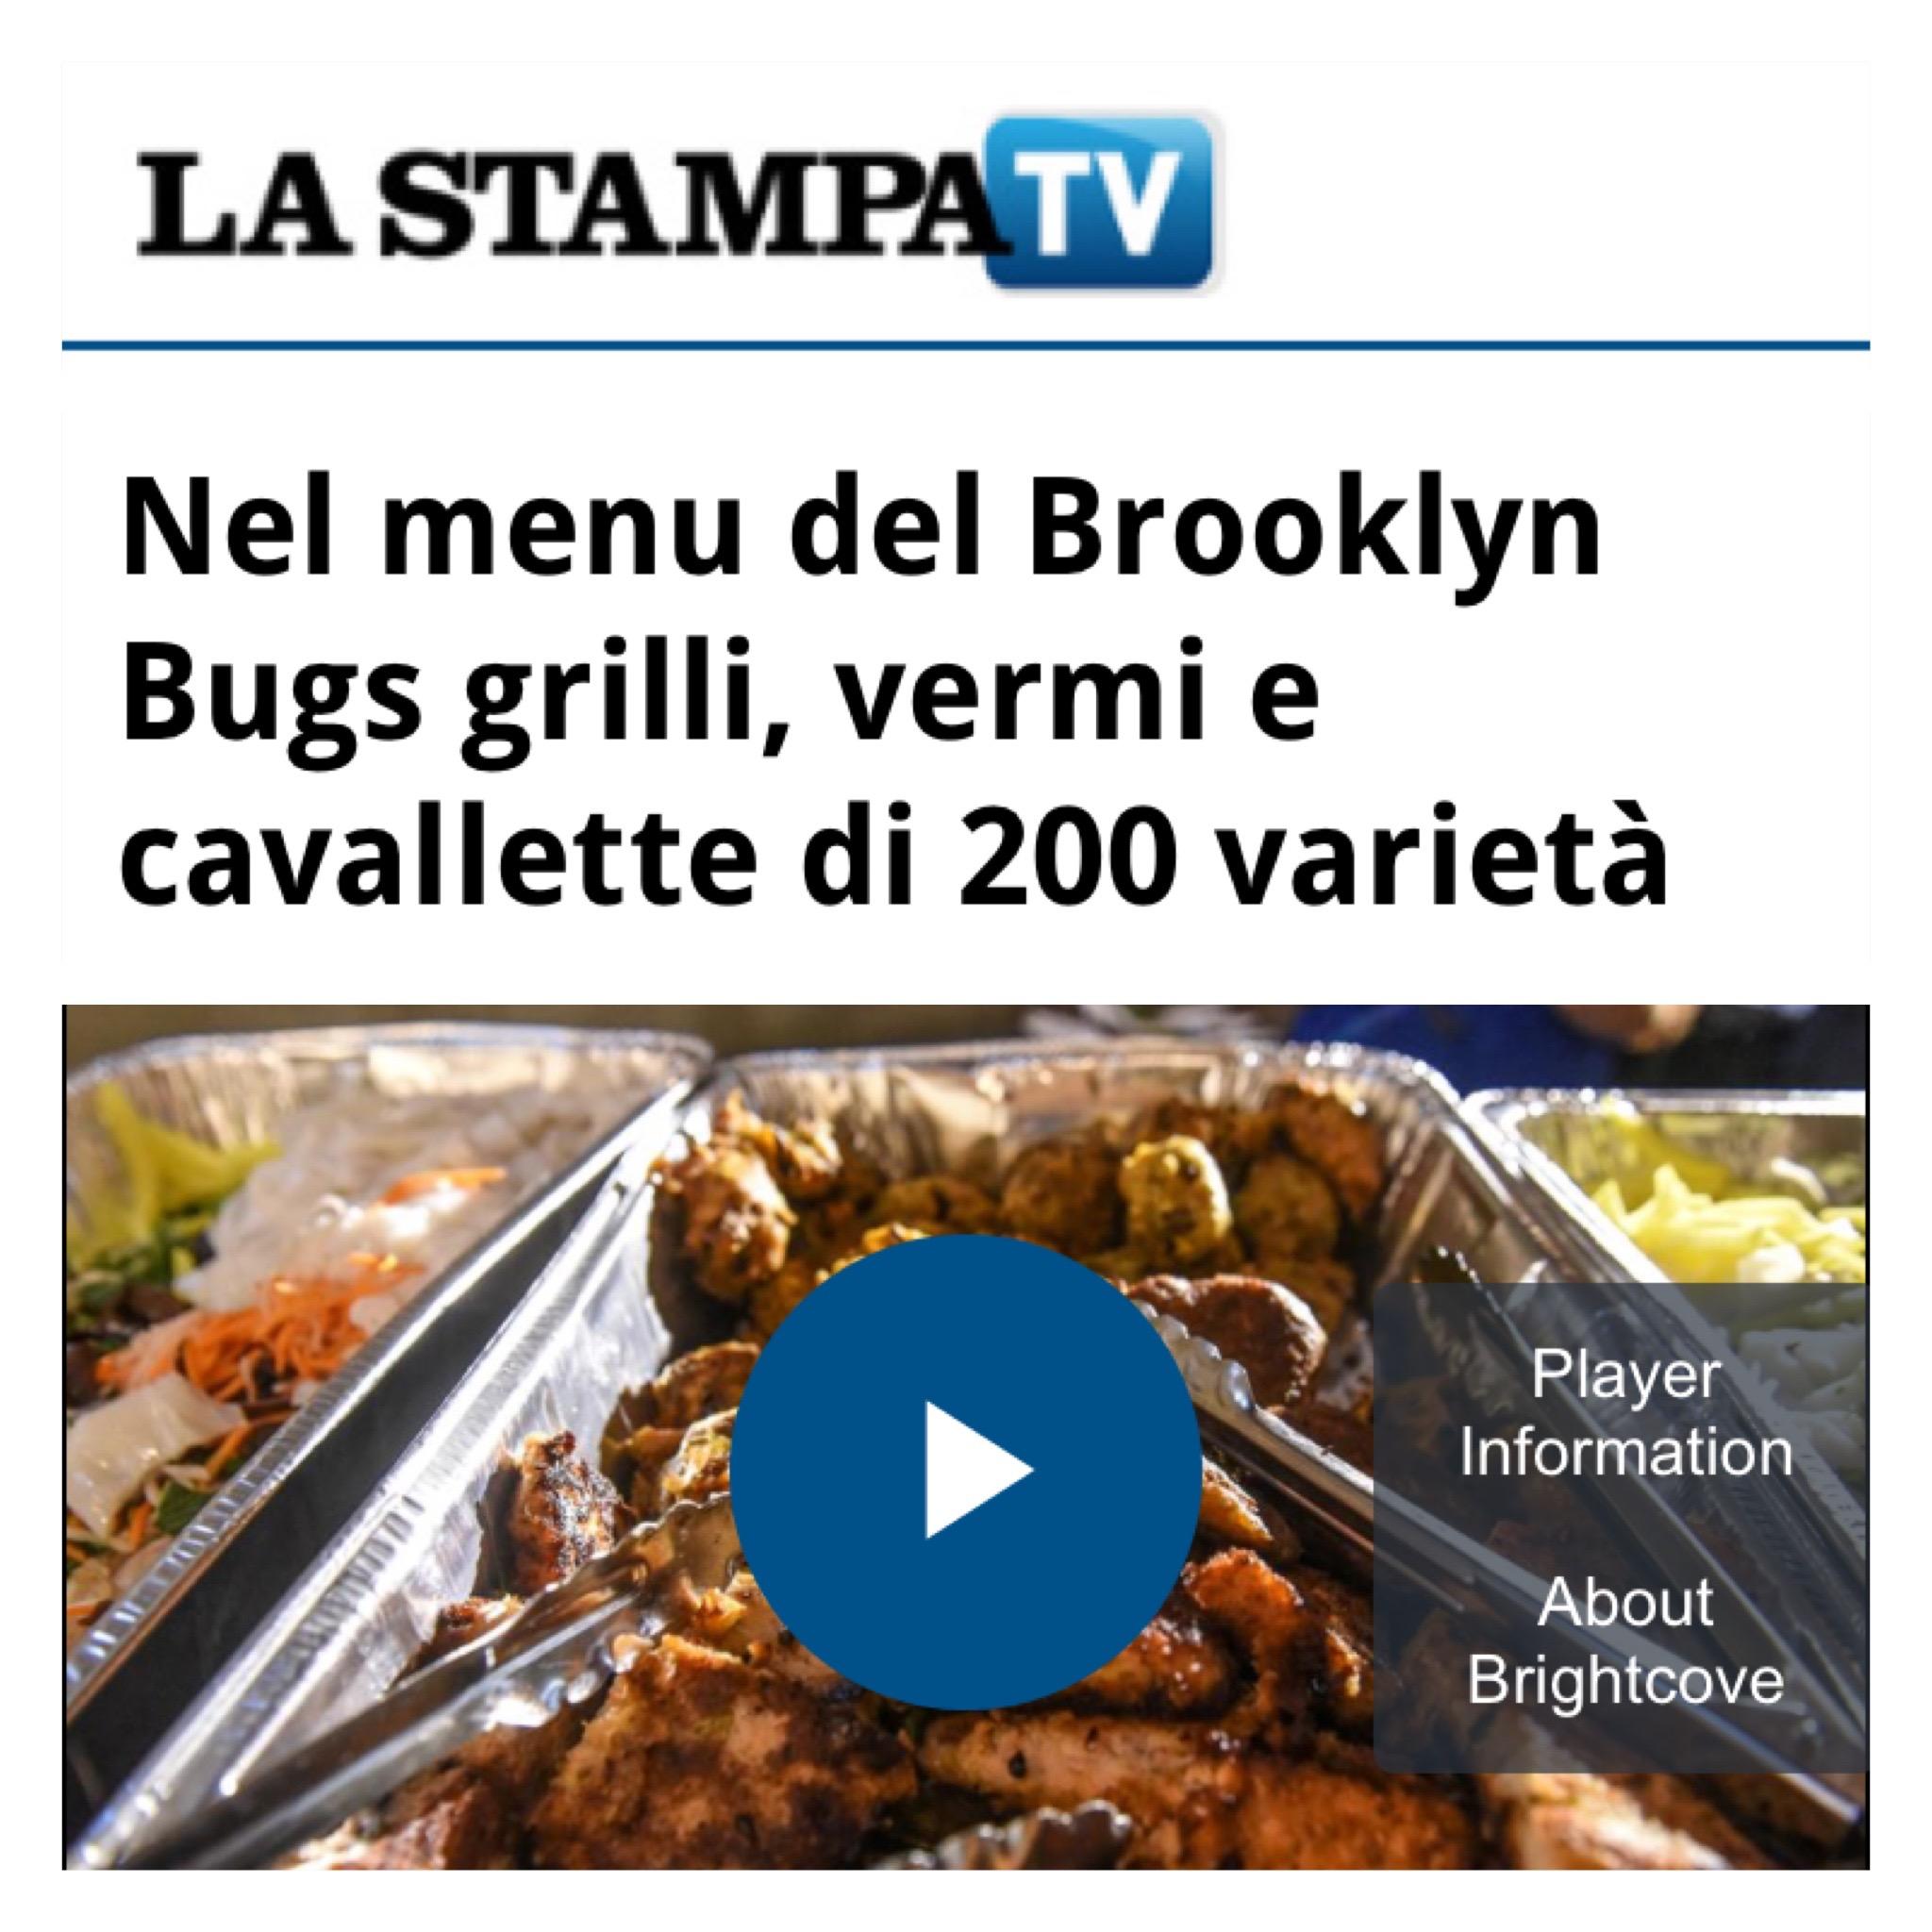 La Stampa TV.jpg